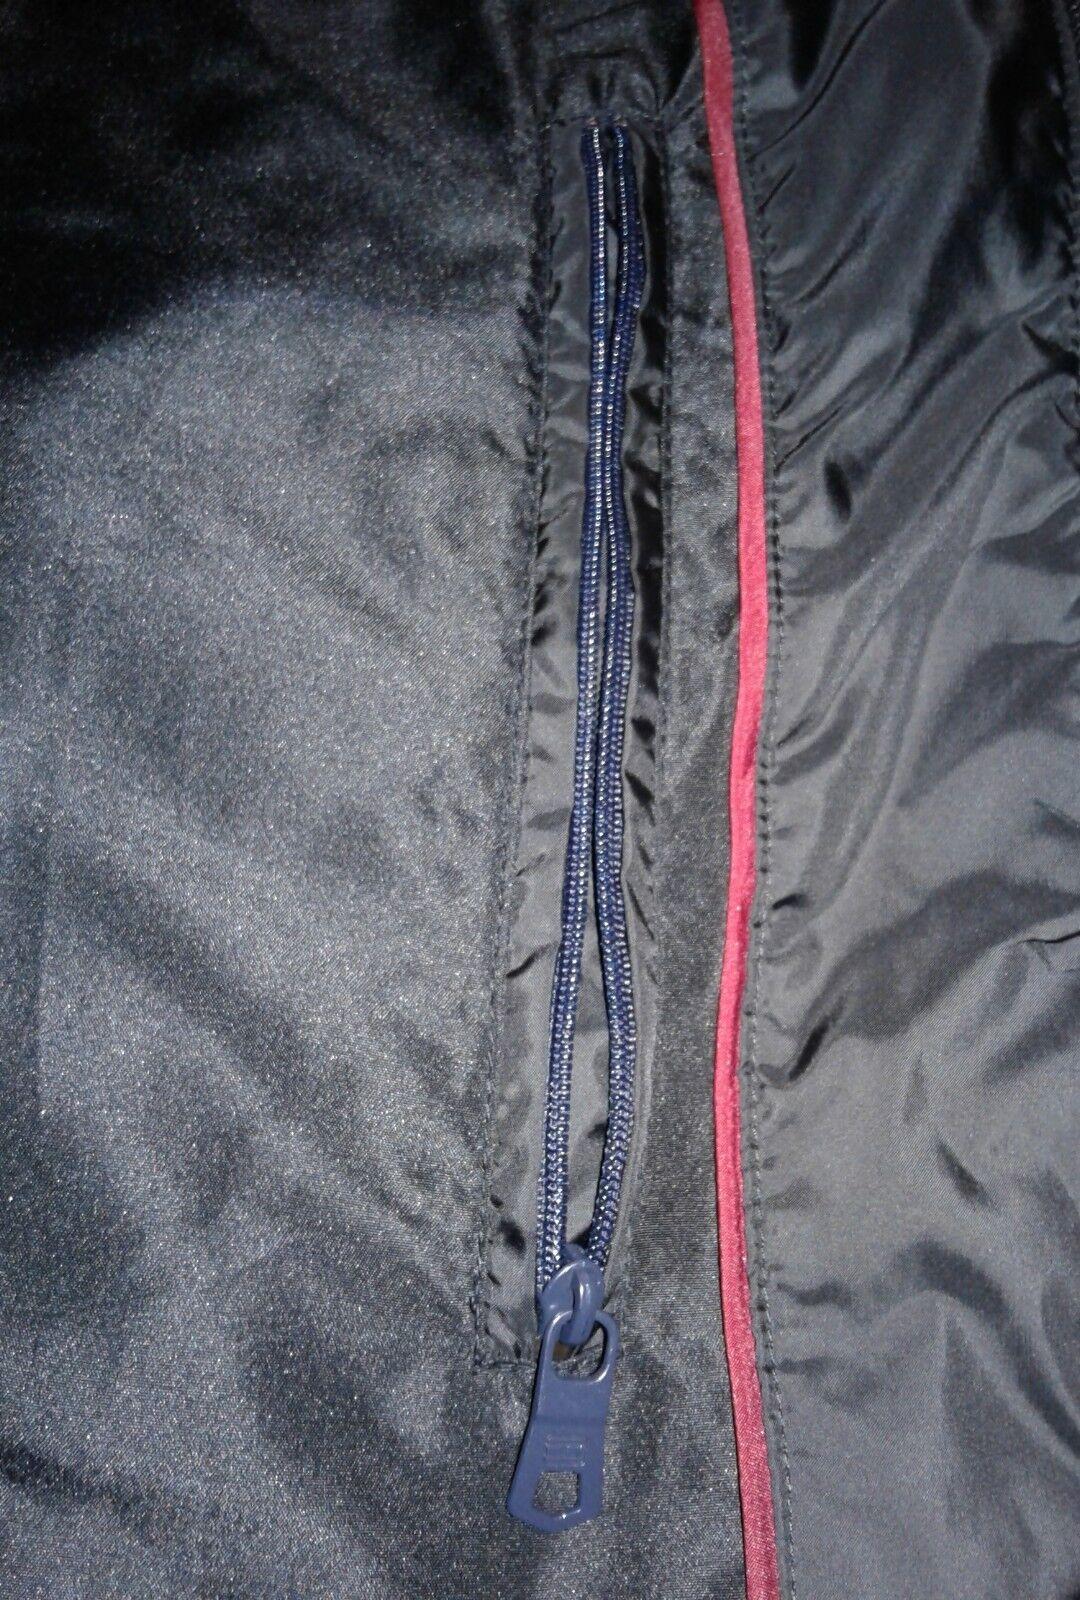 Details about Tommy Hilfiger Platinum Insulator Quilted Jacket Orange Green M L XXL